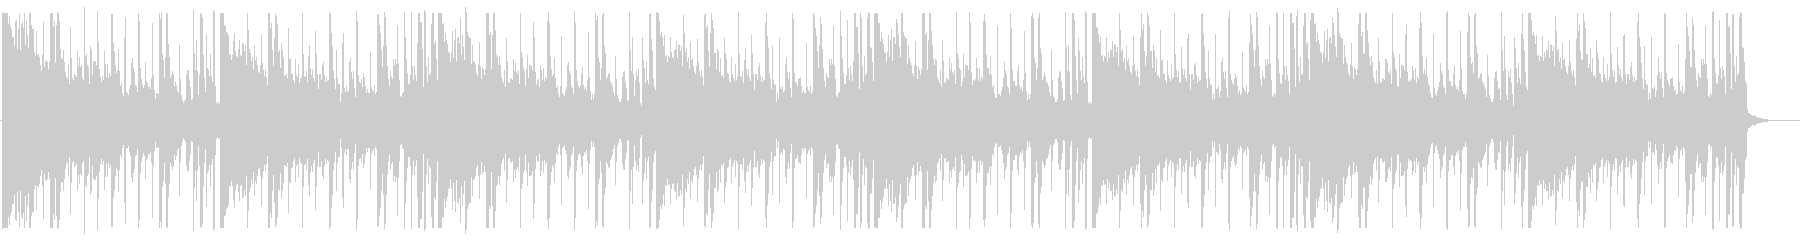 レトロ/夏_No595_5の未再生の波形